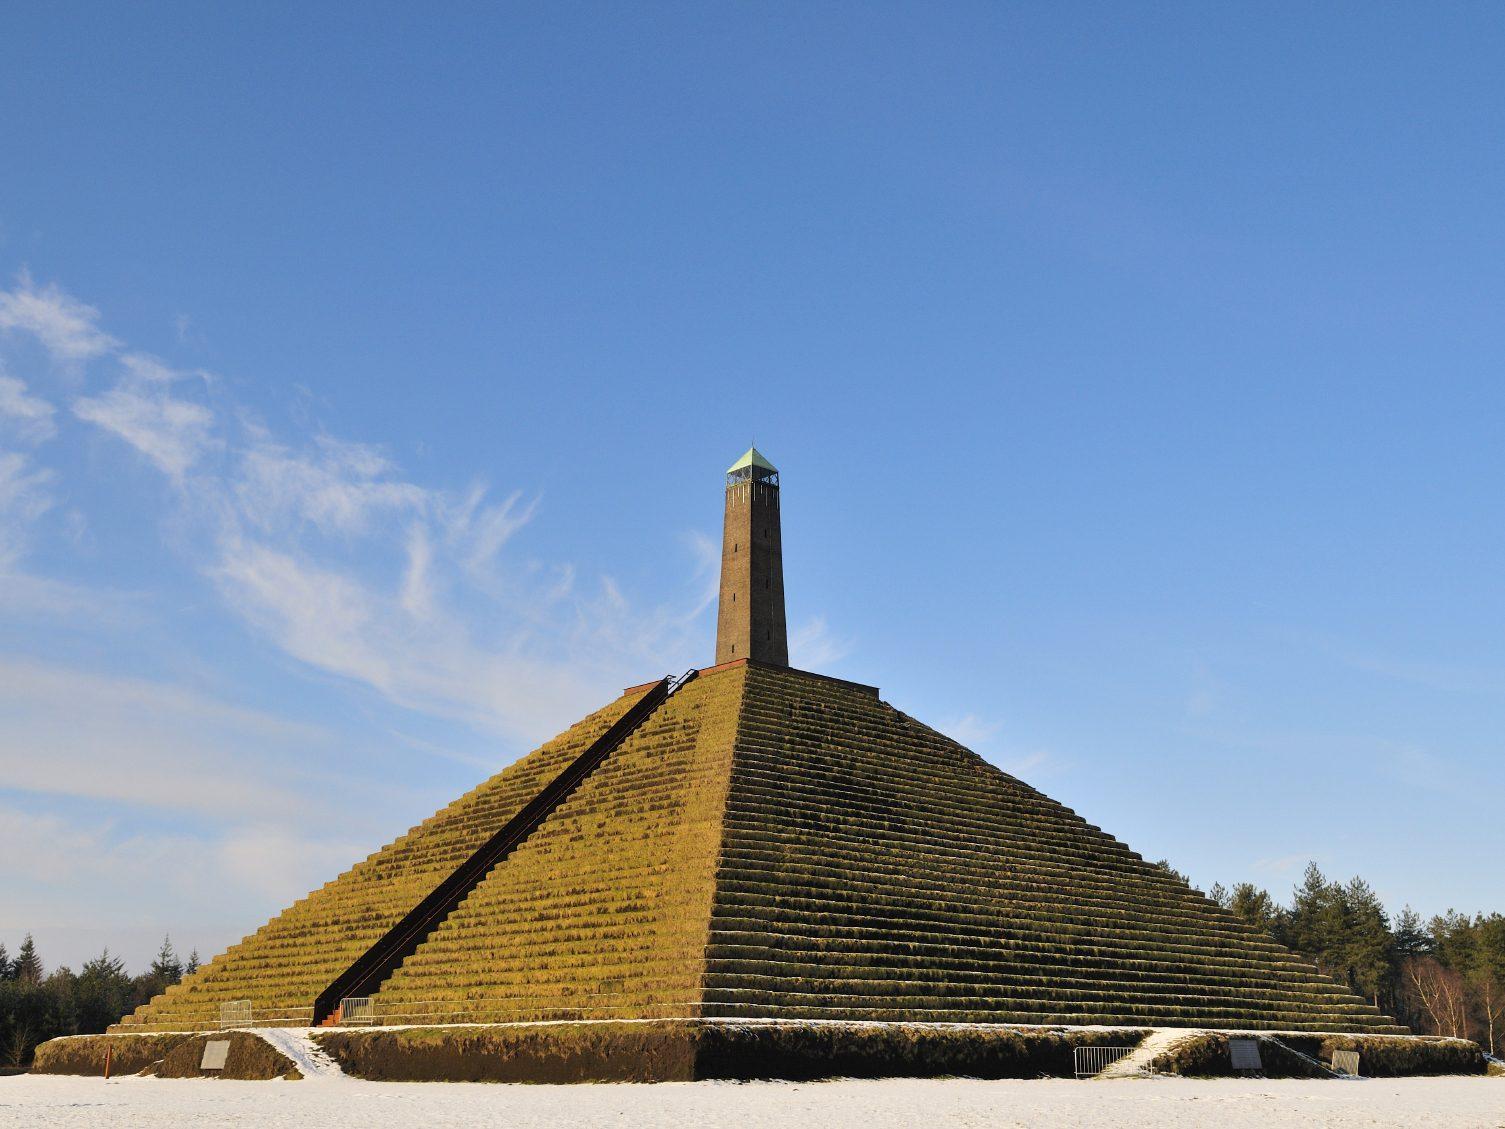 Pays-Bas - La pyramide d'Austerlitz